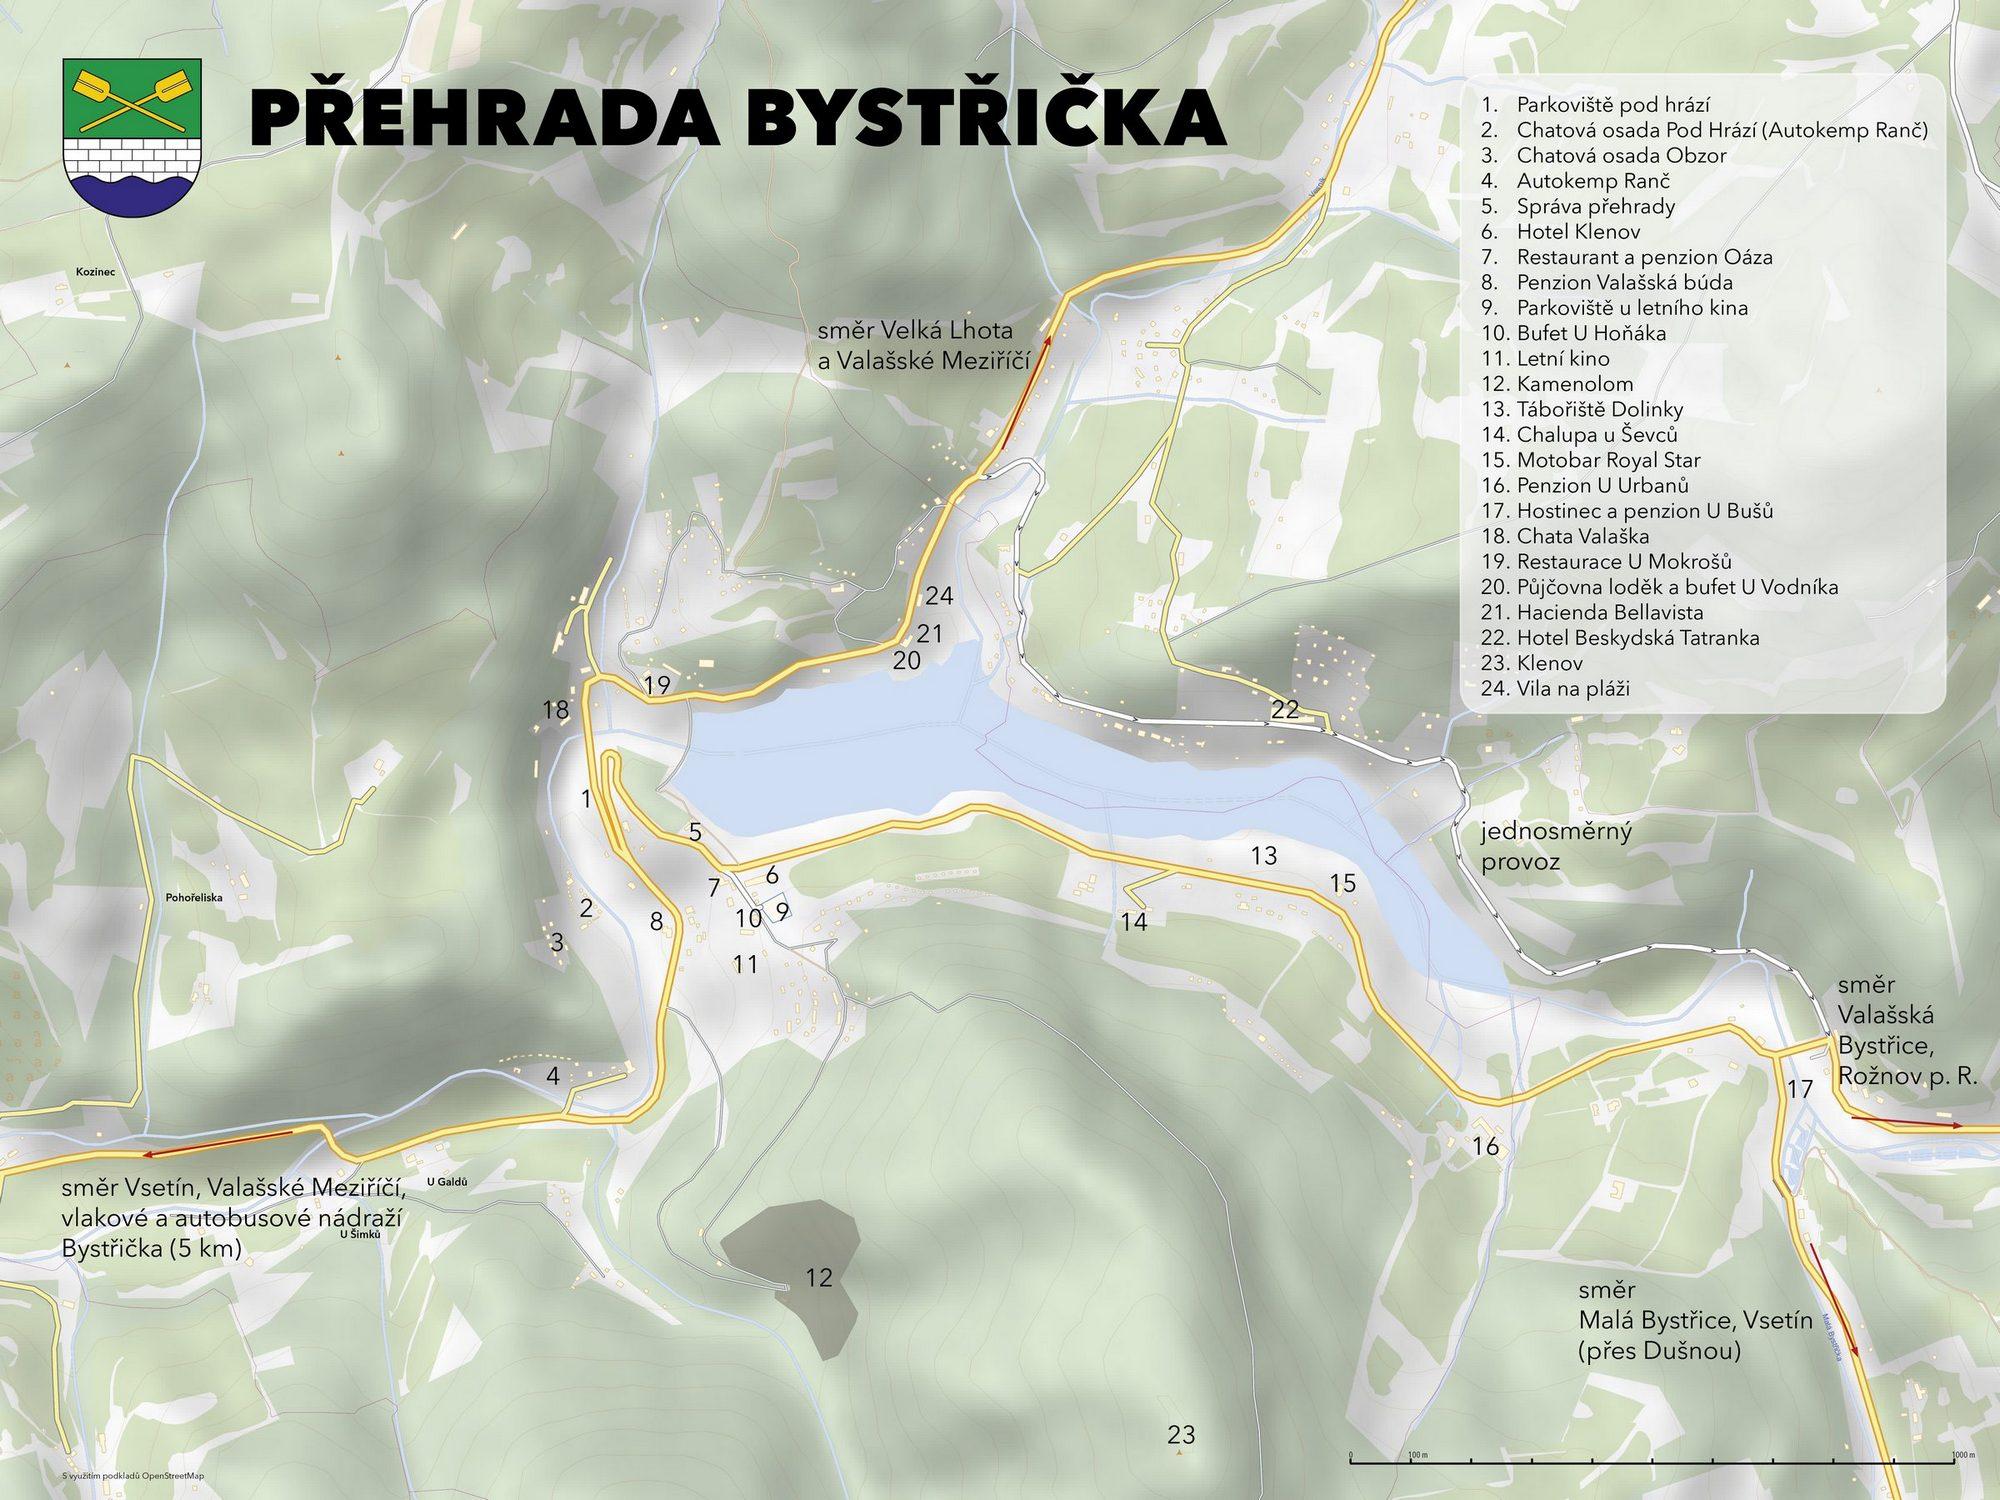 Přehrada Bystřička - mapa okolí